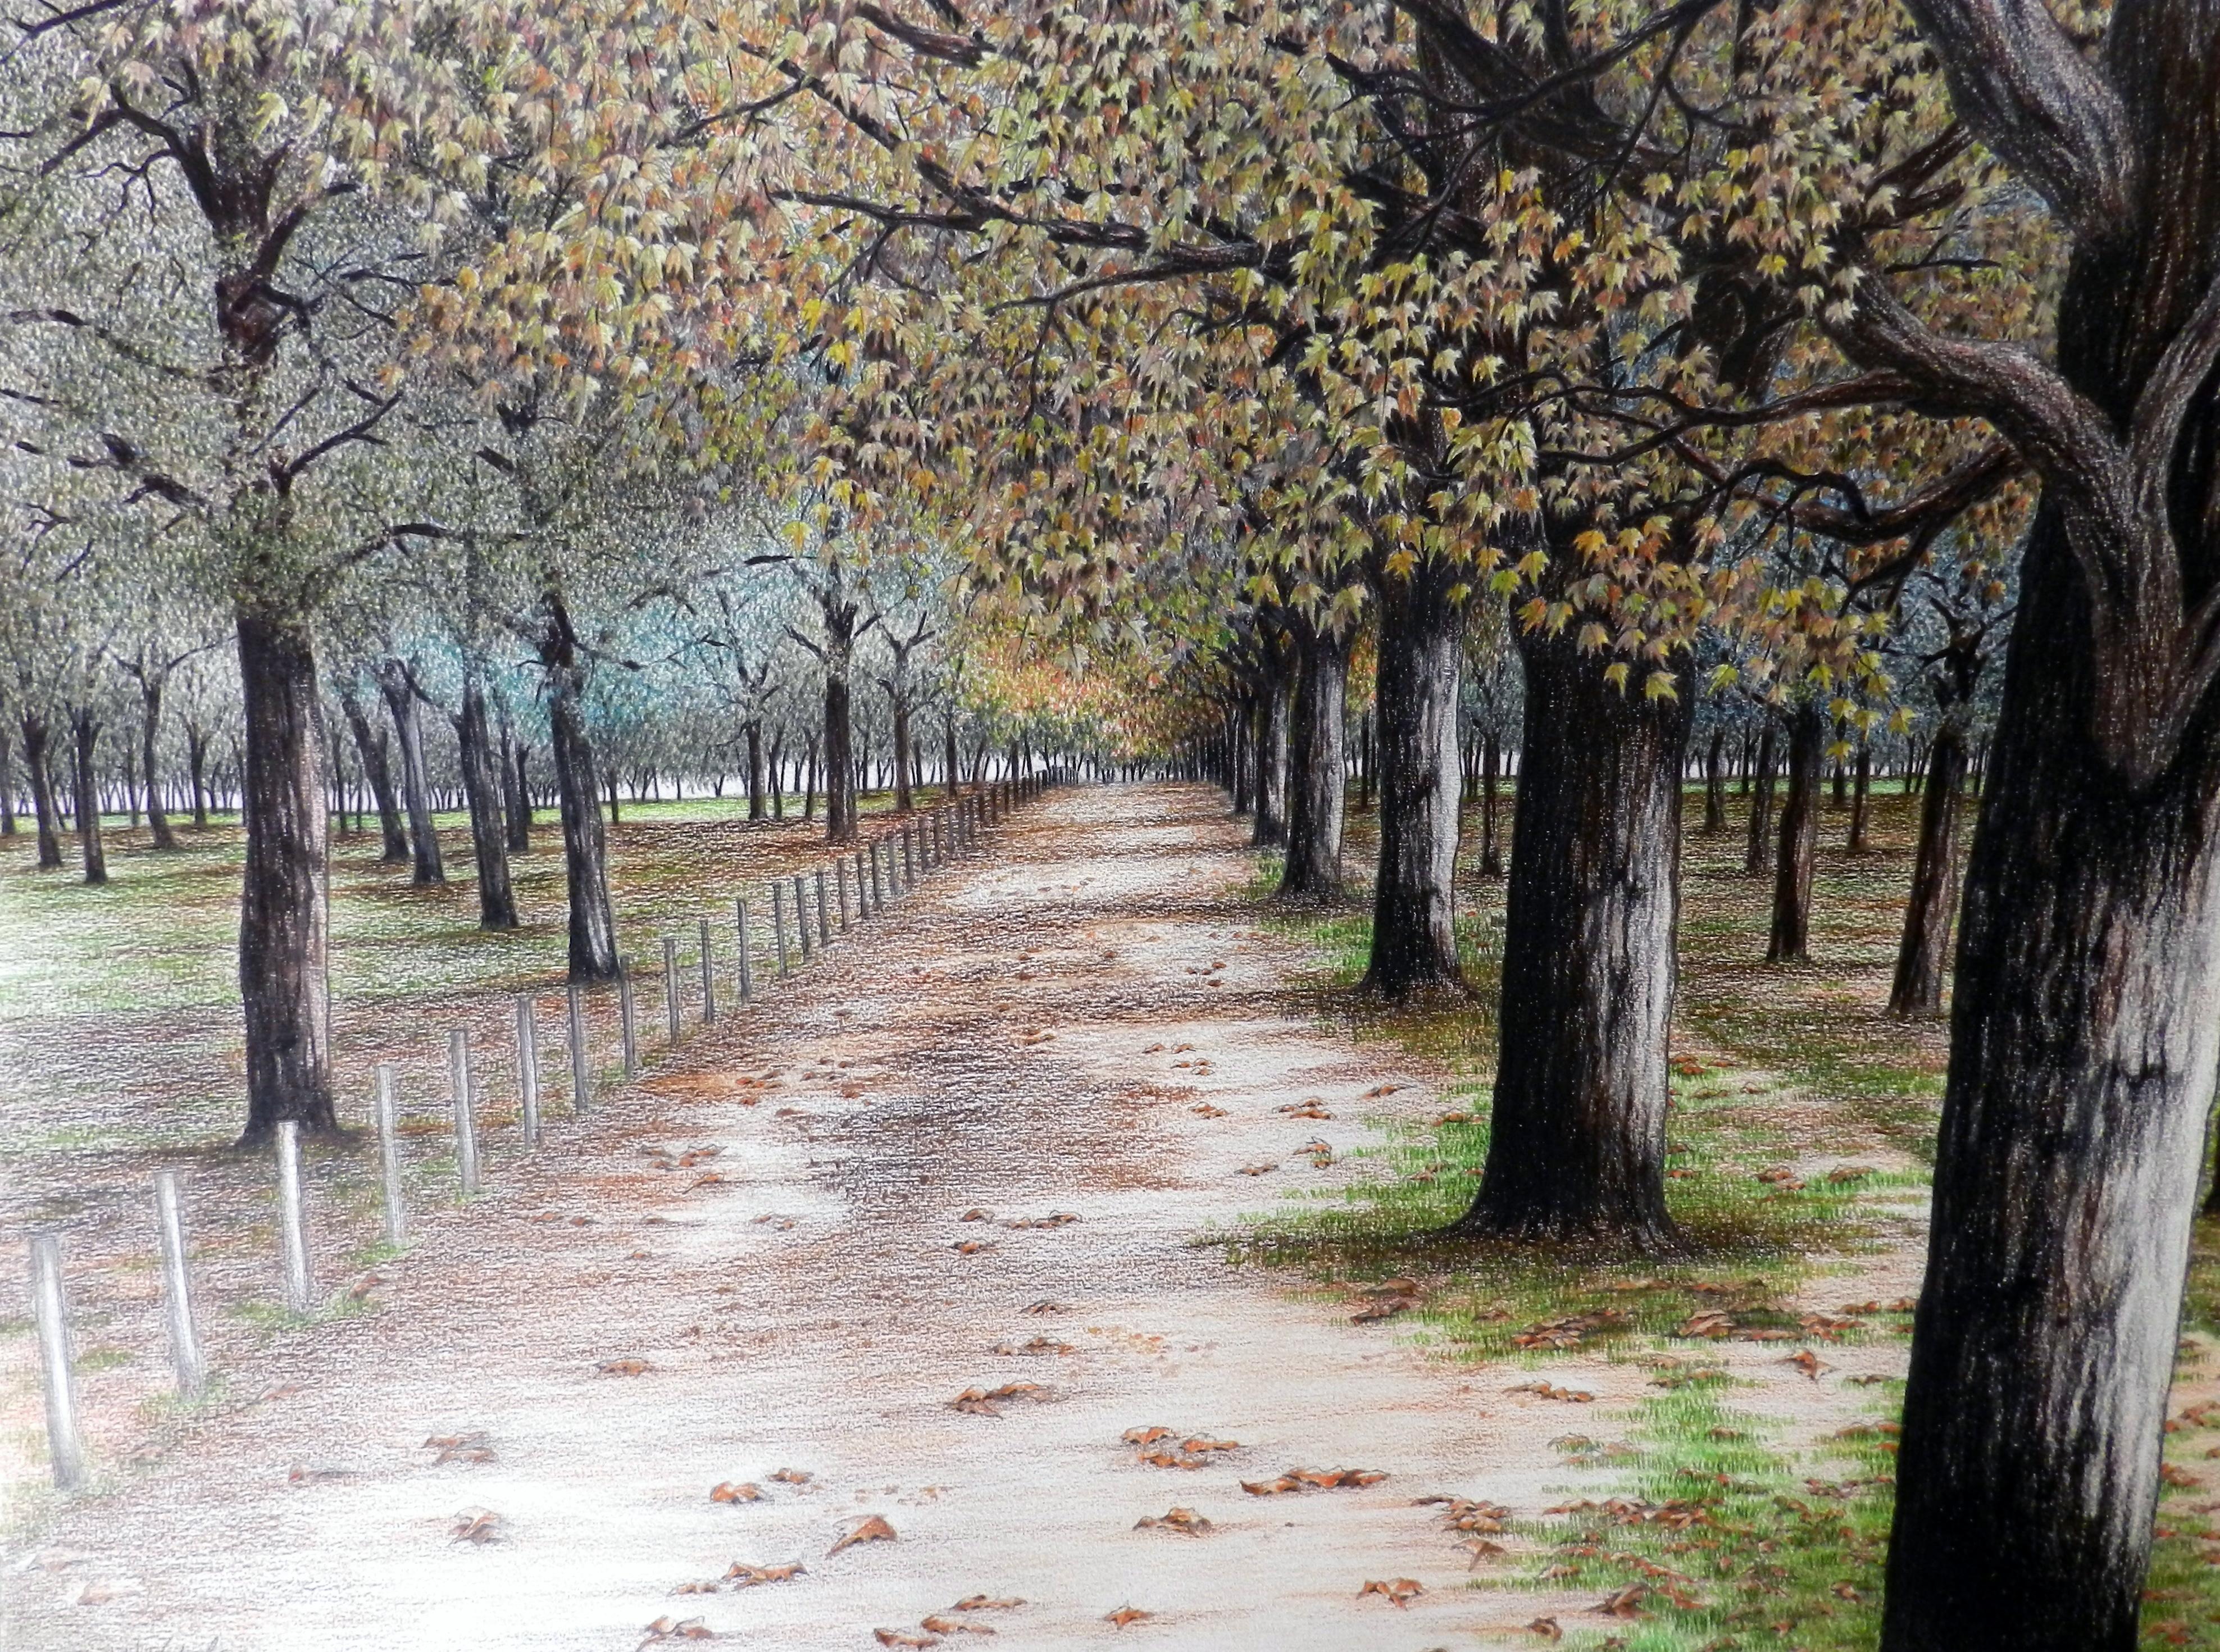 Paisagem XIX - Parque Marinha IV